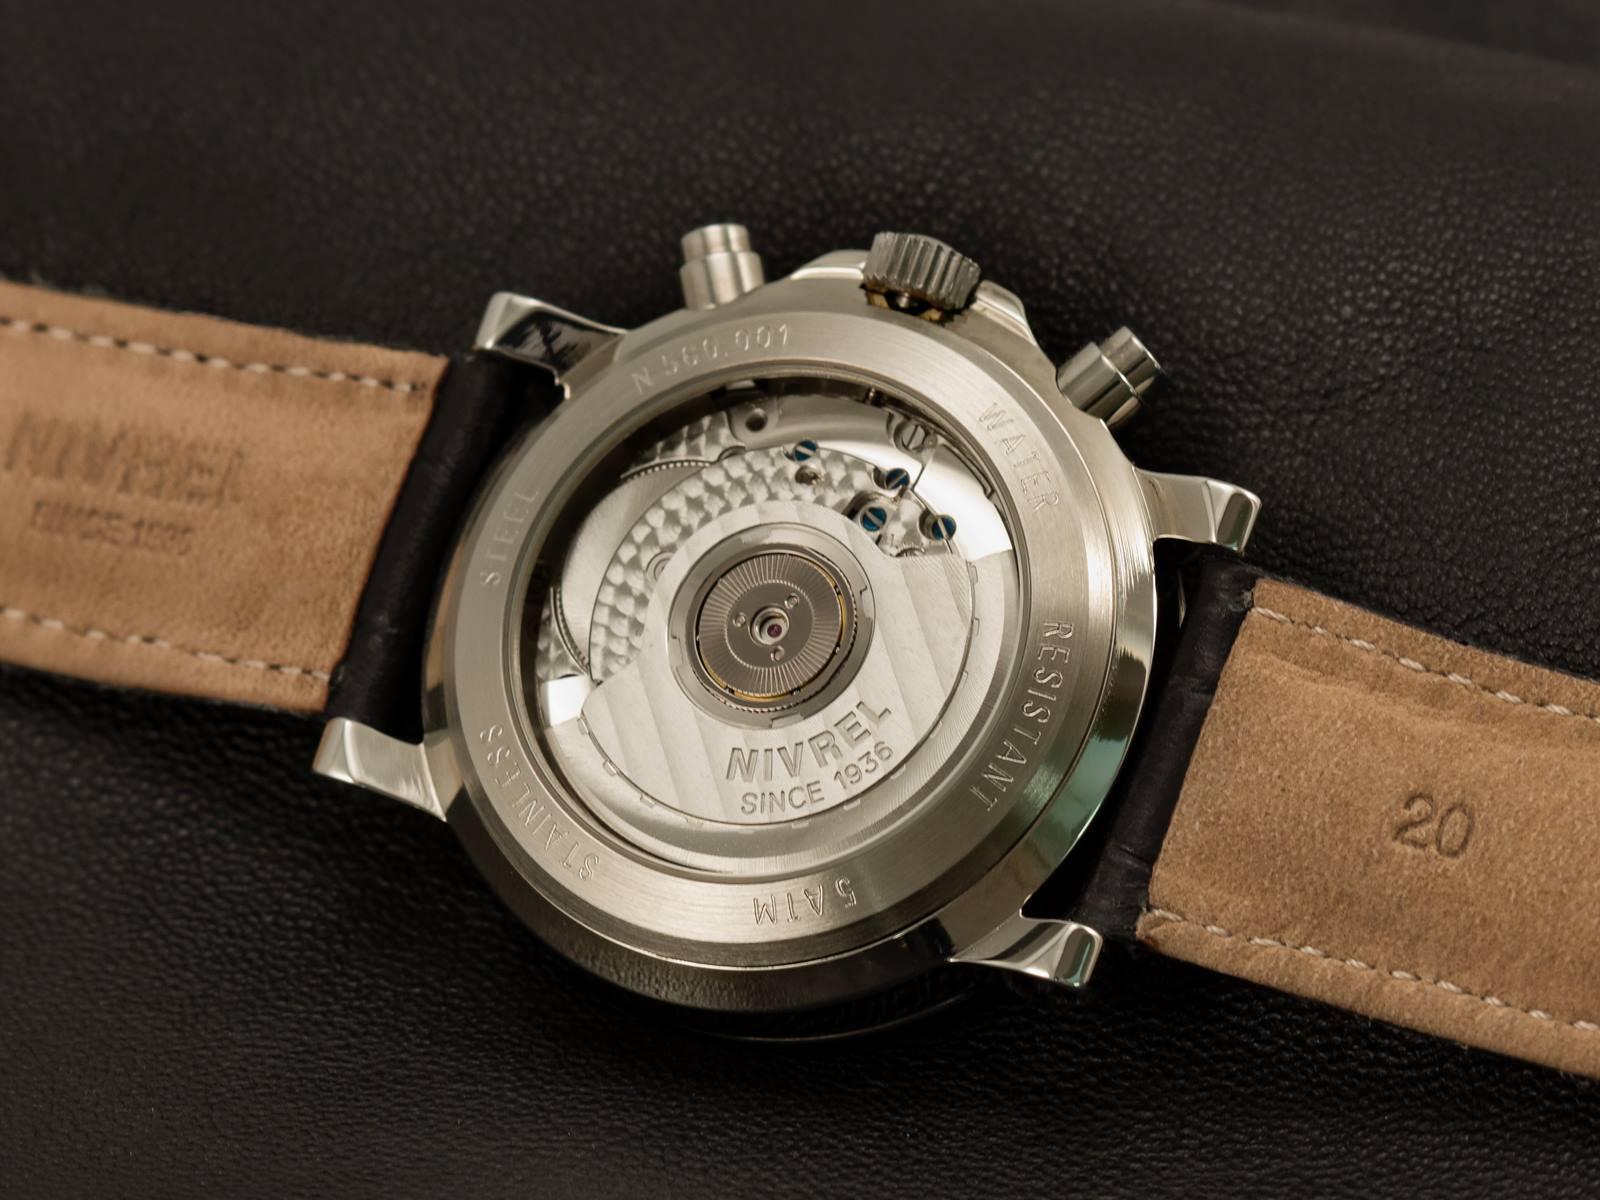 Kliknite za sliku za veću verziju  Ime:Nivrel-Heritage-Chronographe-Minutes-satovi-2.jpg Viđeno:138 Veličina:175,4 KB ID:84734